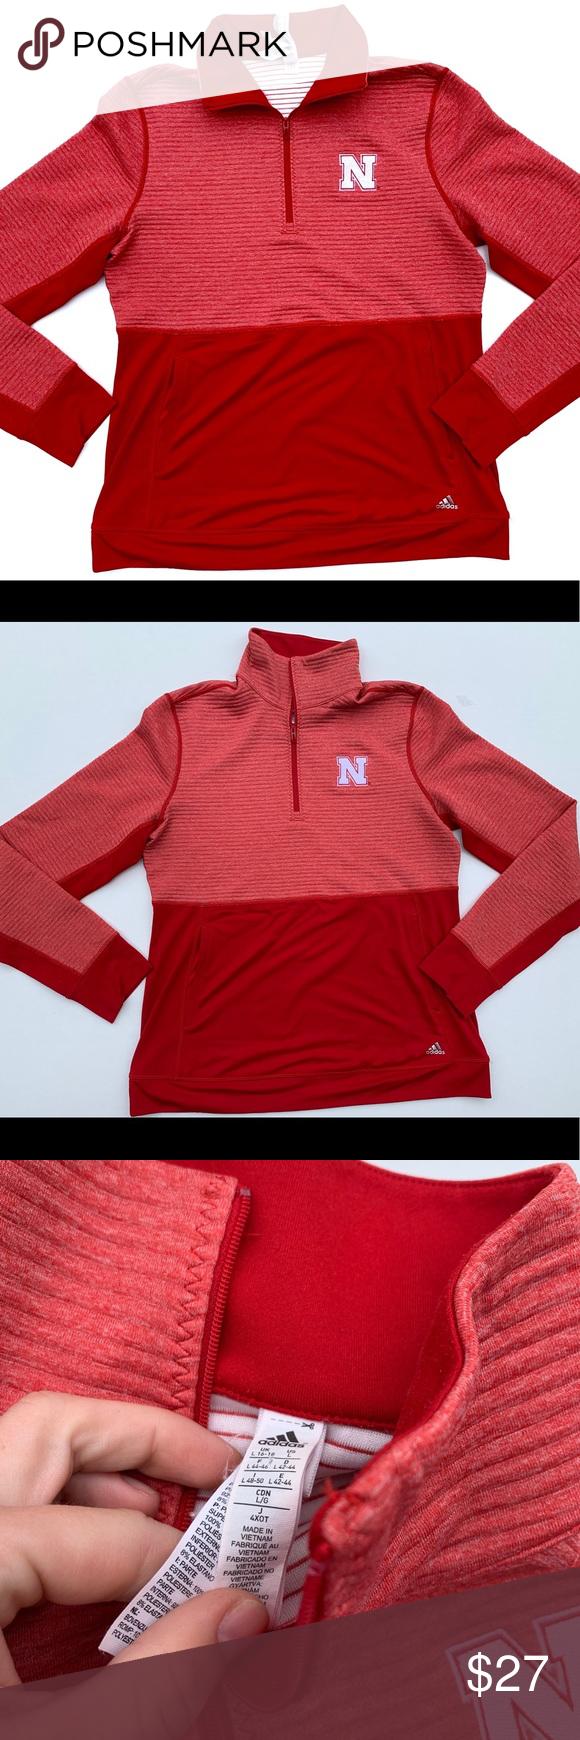 Adidas Nebraska Cornhuskers 1 4th Zip Pullover Sweatshirt Shirt Adidas Shirt Pullover [ 1740 x 580 Pixel ]